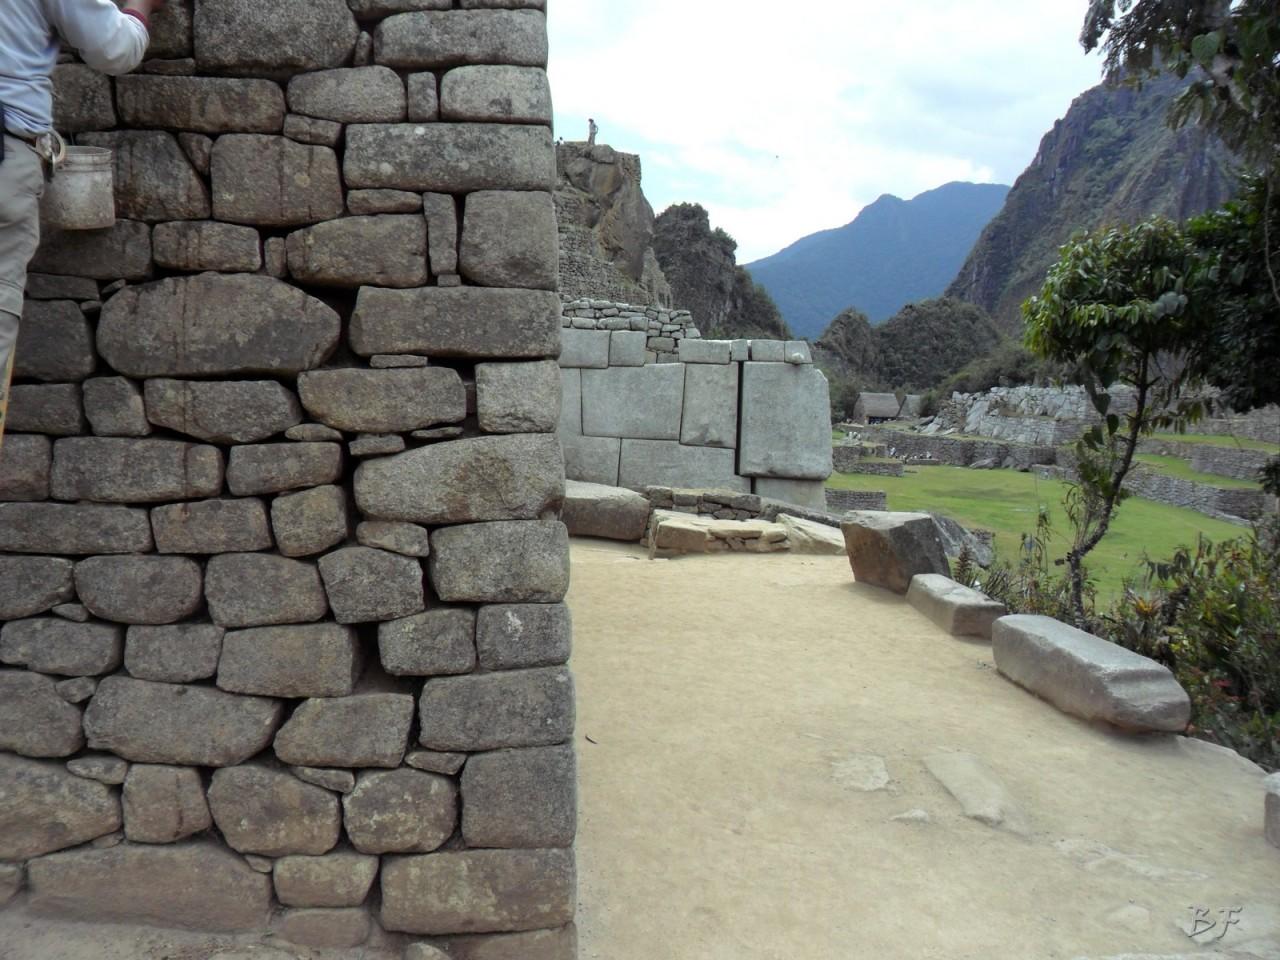 Mura-Poligonali-Incisioni-Altari-Edifici-Rupestri-Megaliti-Machu-Picchu-Aguas-Calientes-Urubamba-Cusco-Perù-100